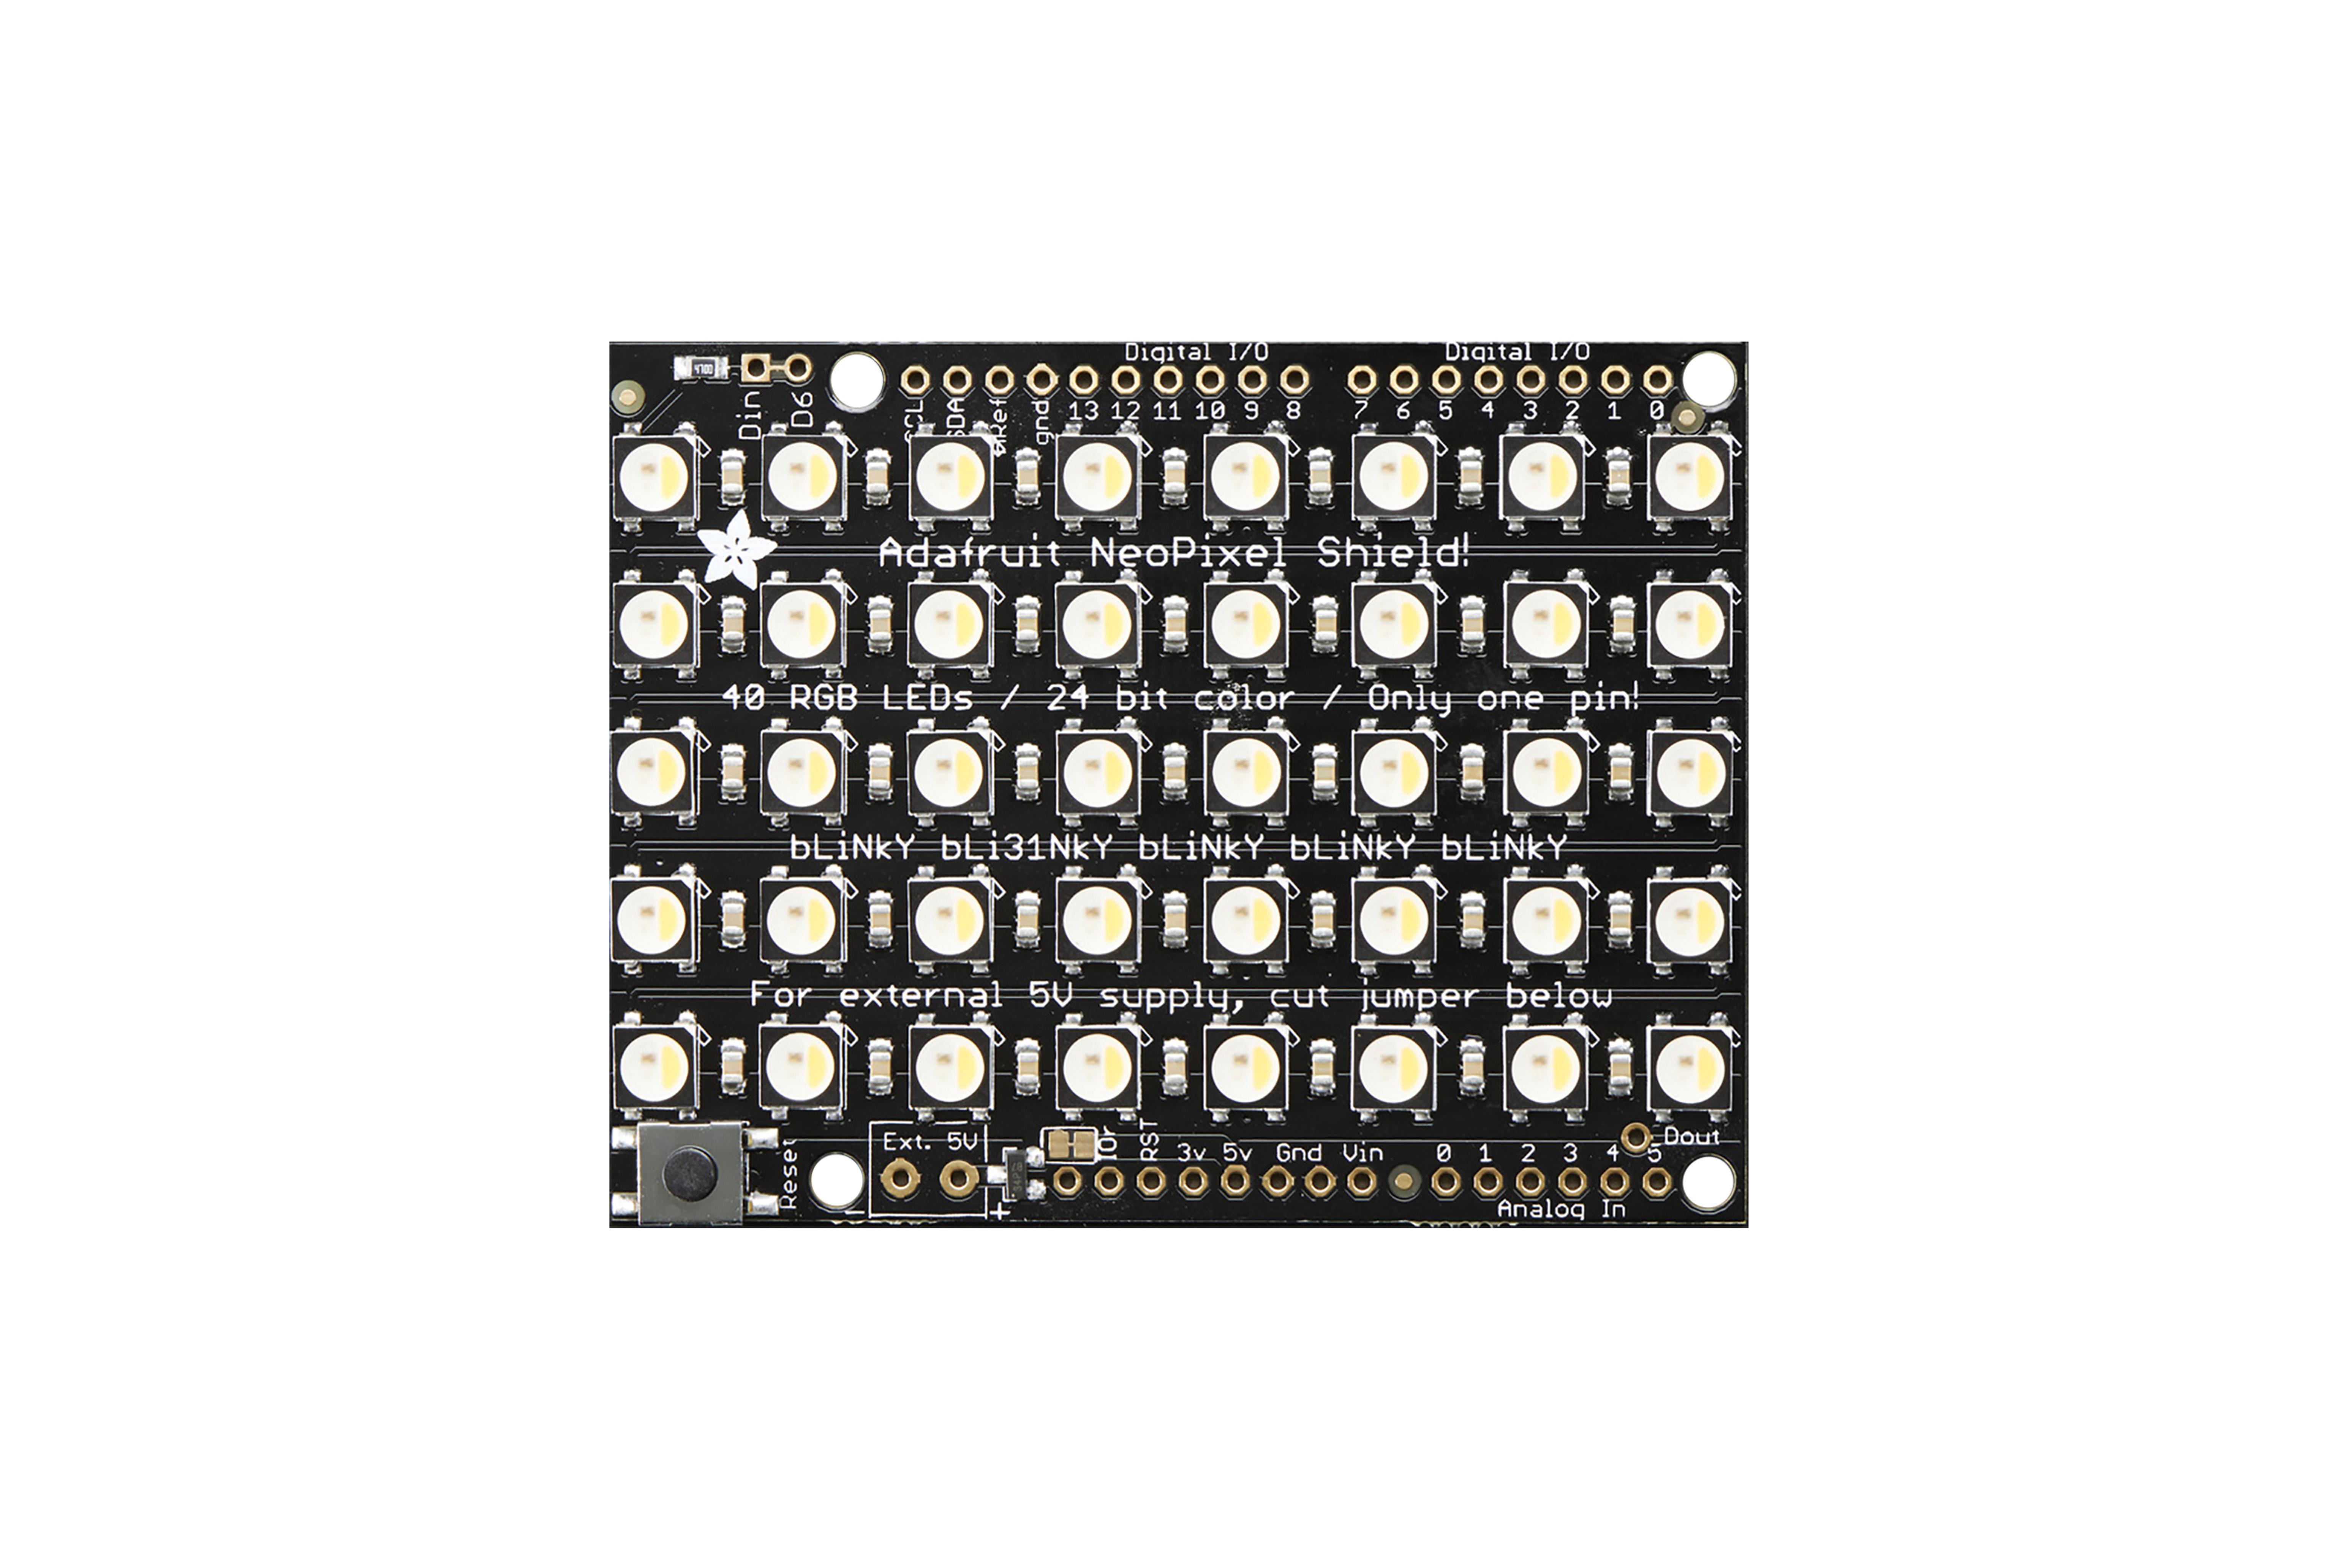 NeoPixel シールド 40 RGBW LED シールド 3000K